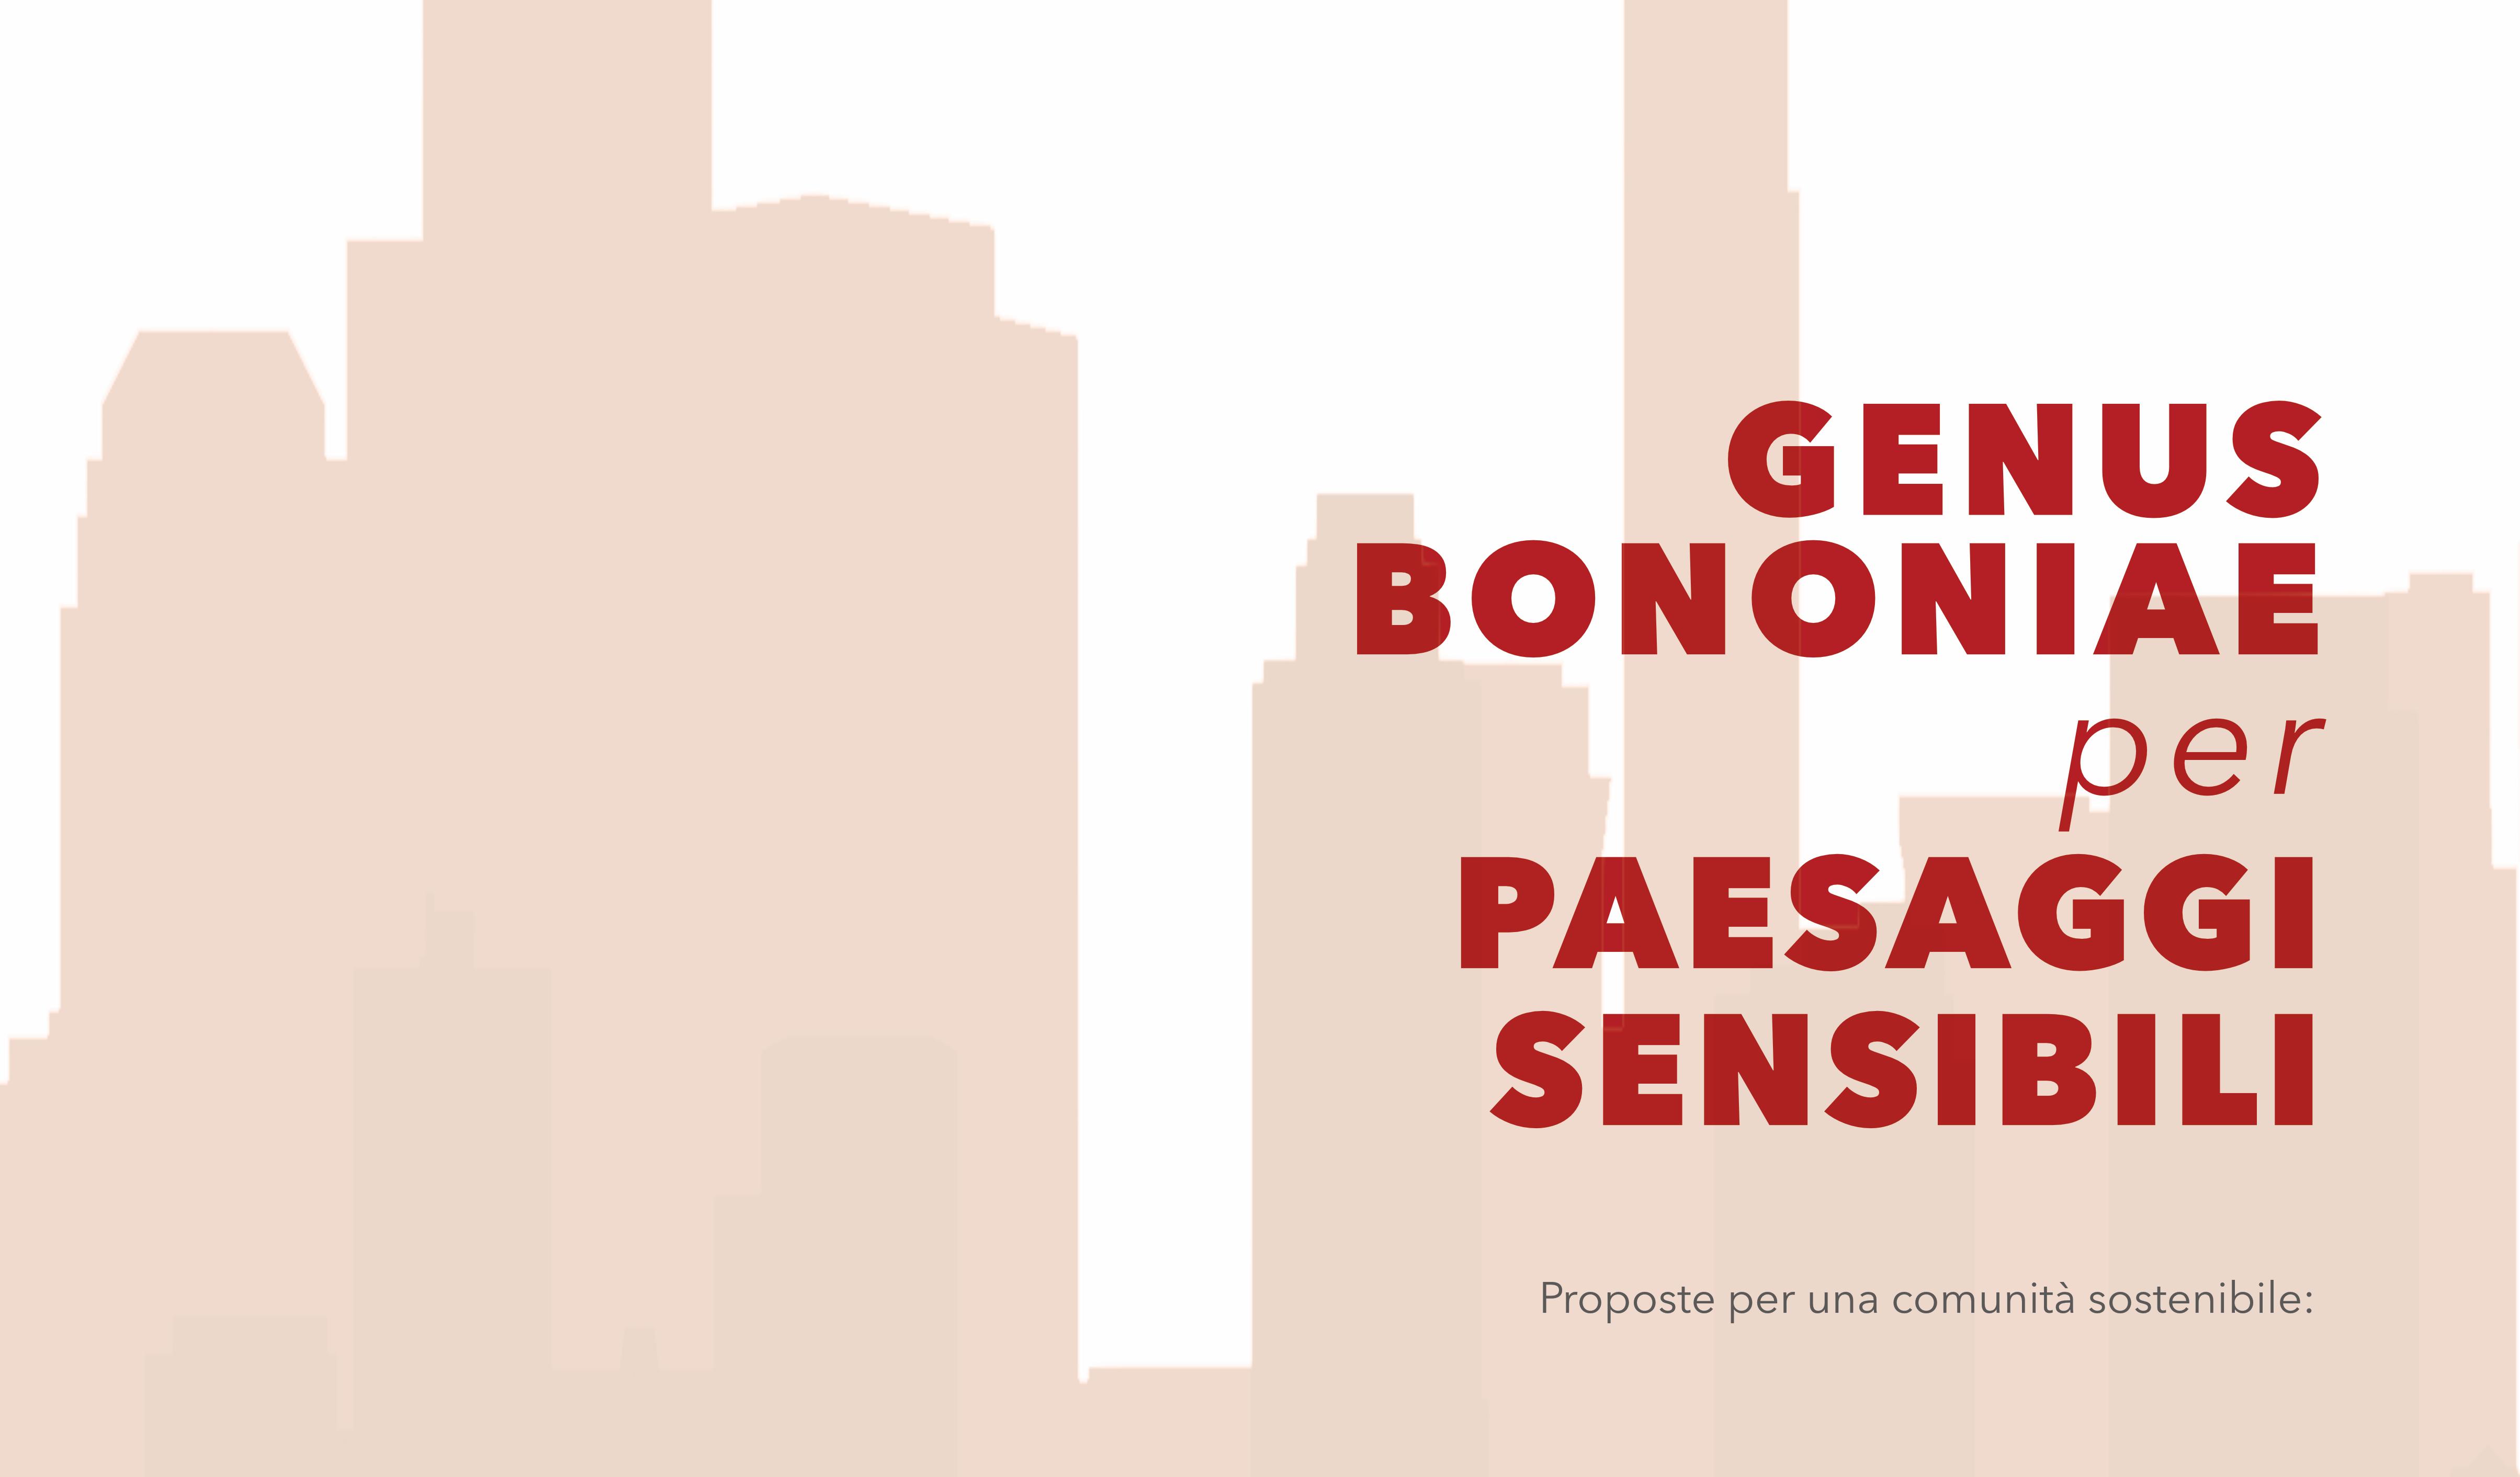 Genus Bononiae per Paesaggi sensibili